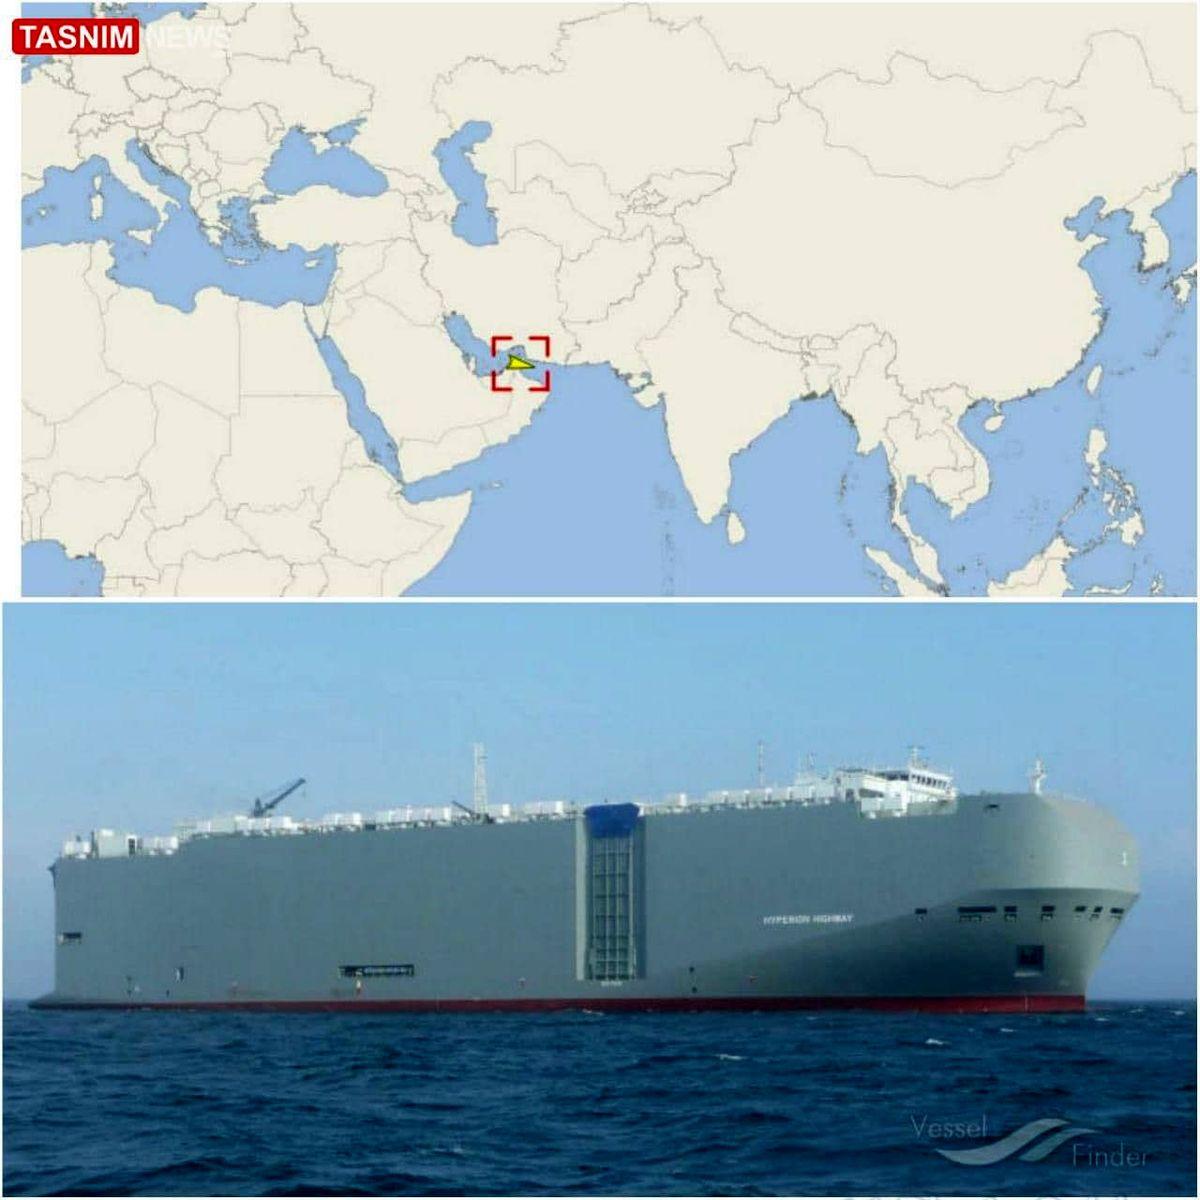 اطلاعاتی درباره کشتی هدف قرار گرفته اسرائیلی